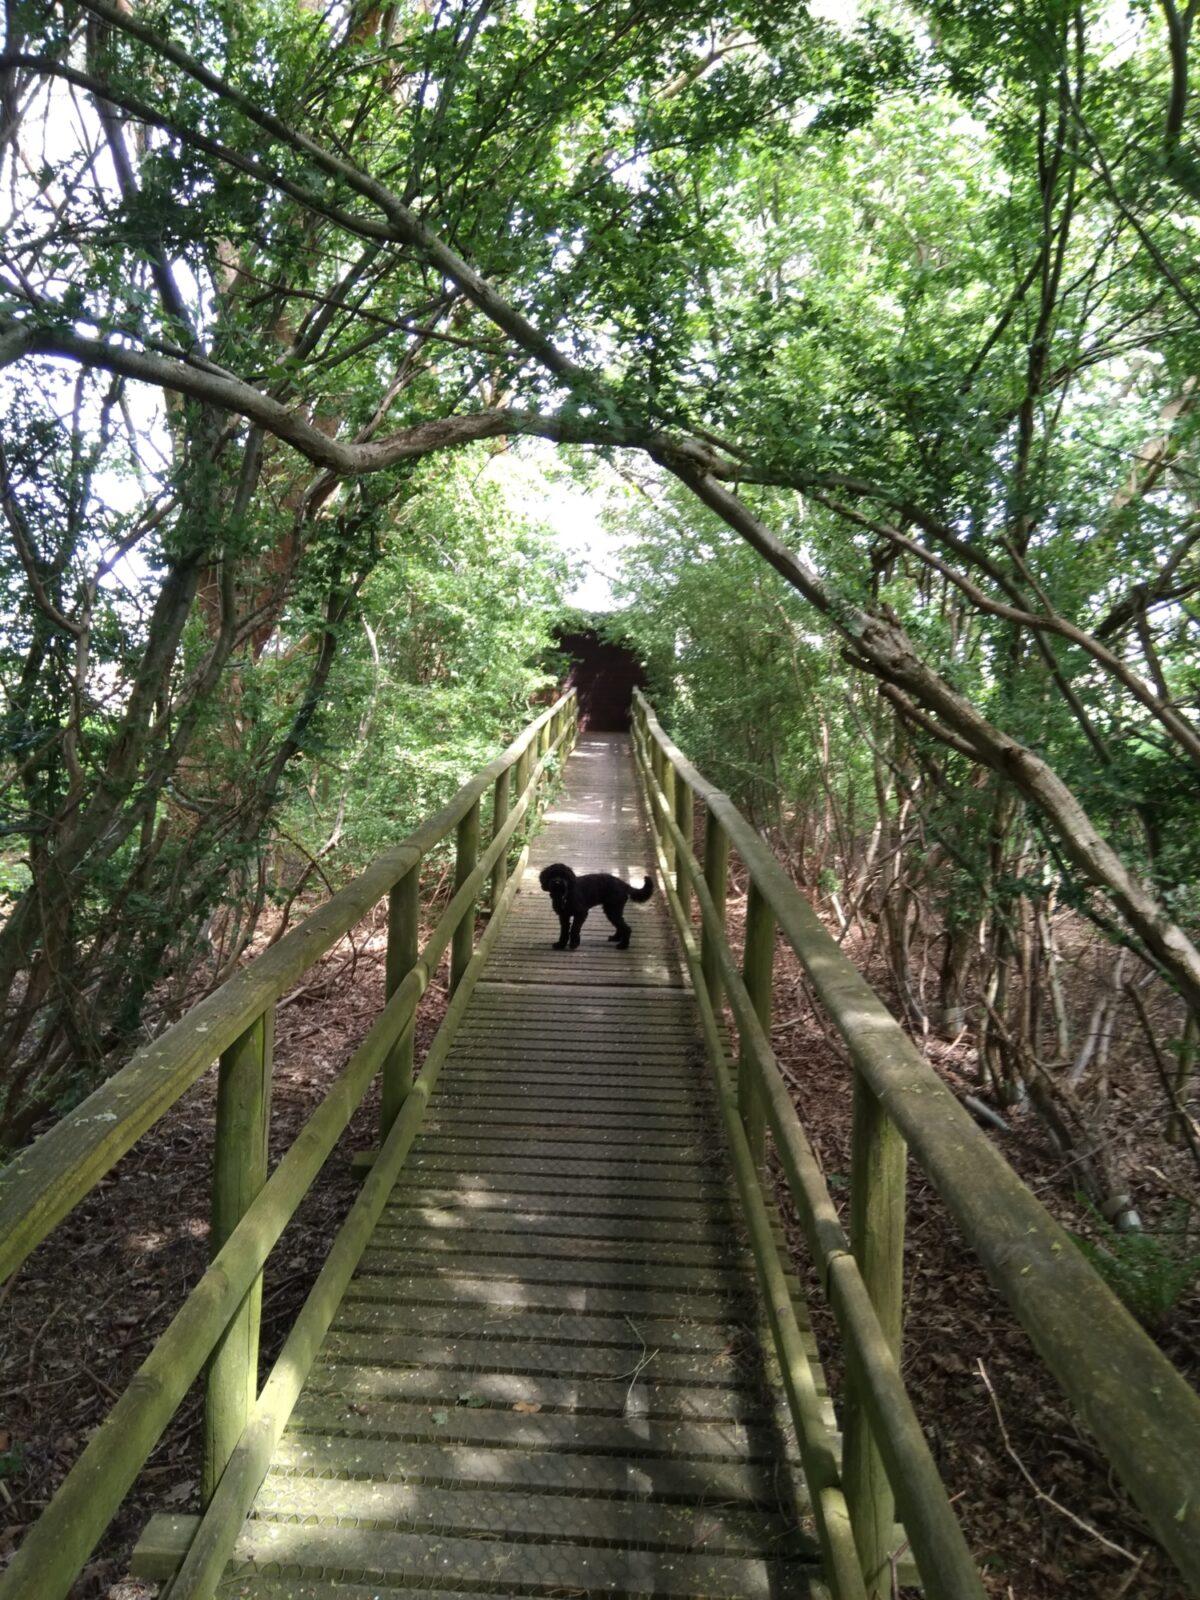 Wytch Heath, Wareham, Dorset large photo 3